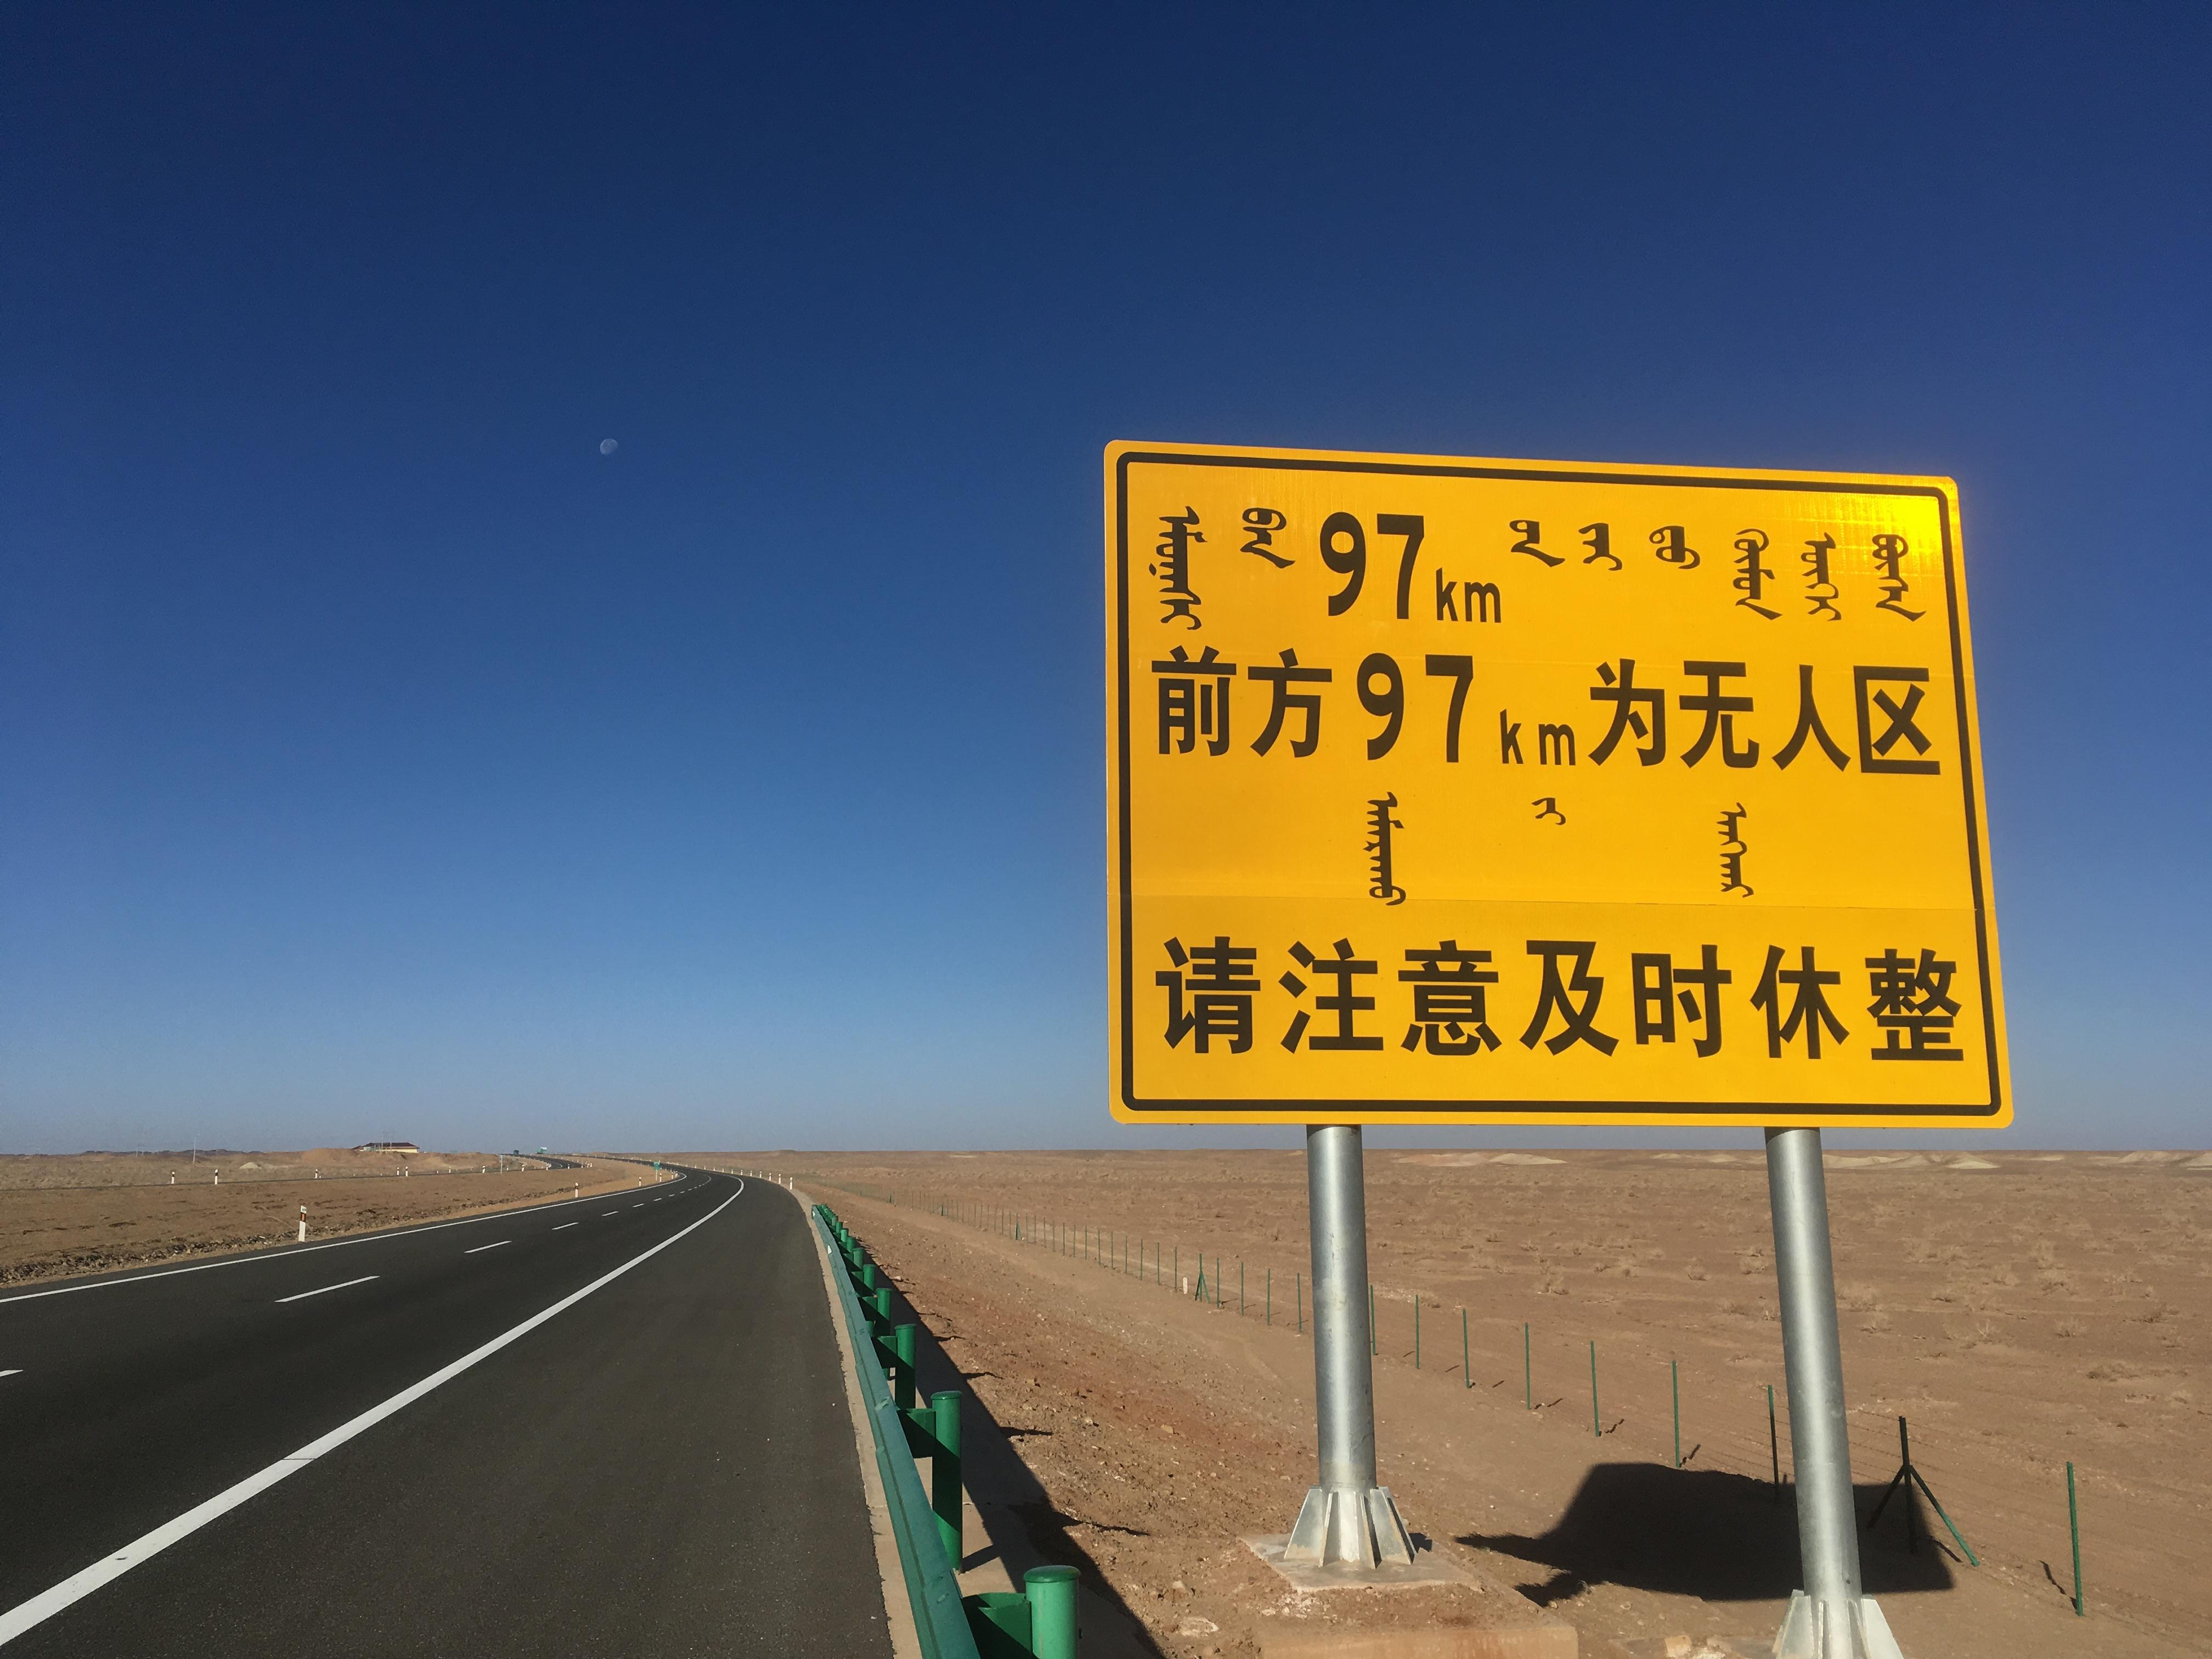 老司机 划重点 亲历世界上最长的沙漠高速公路G7京新高速